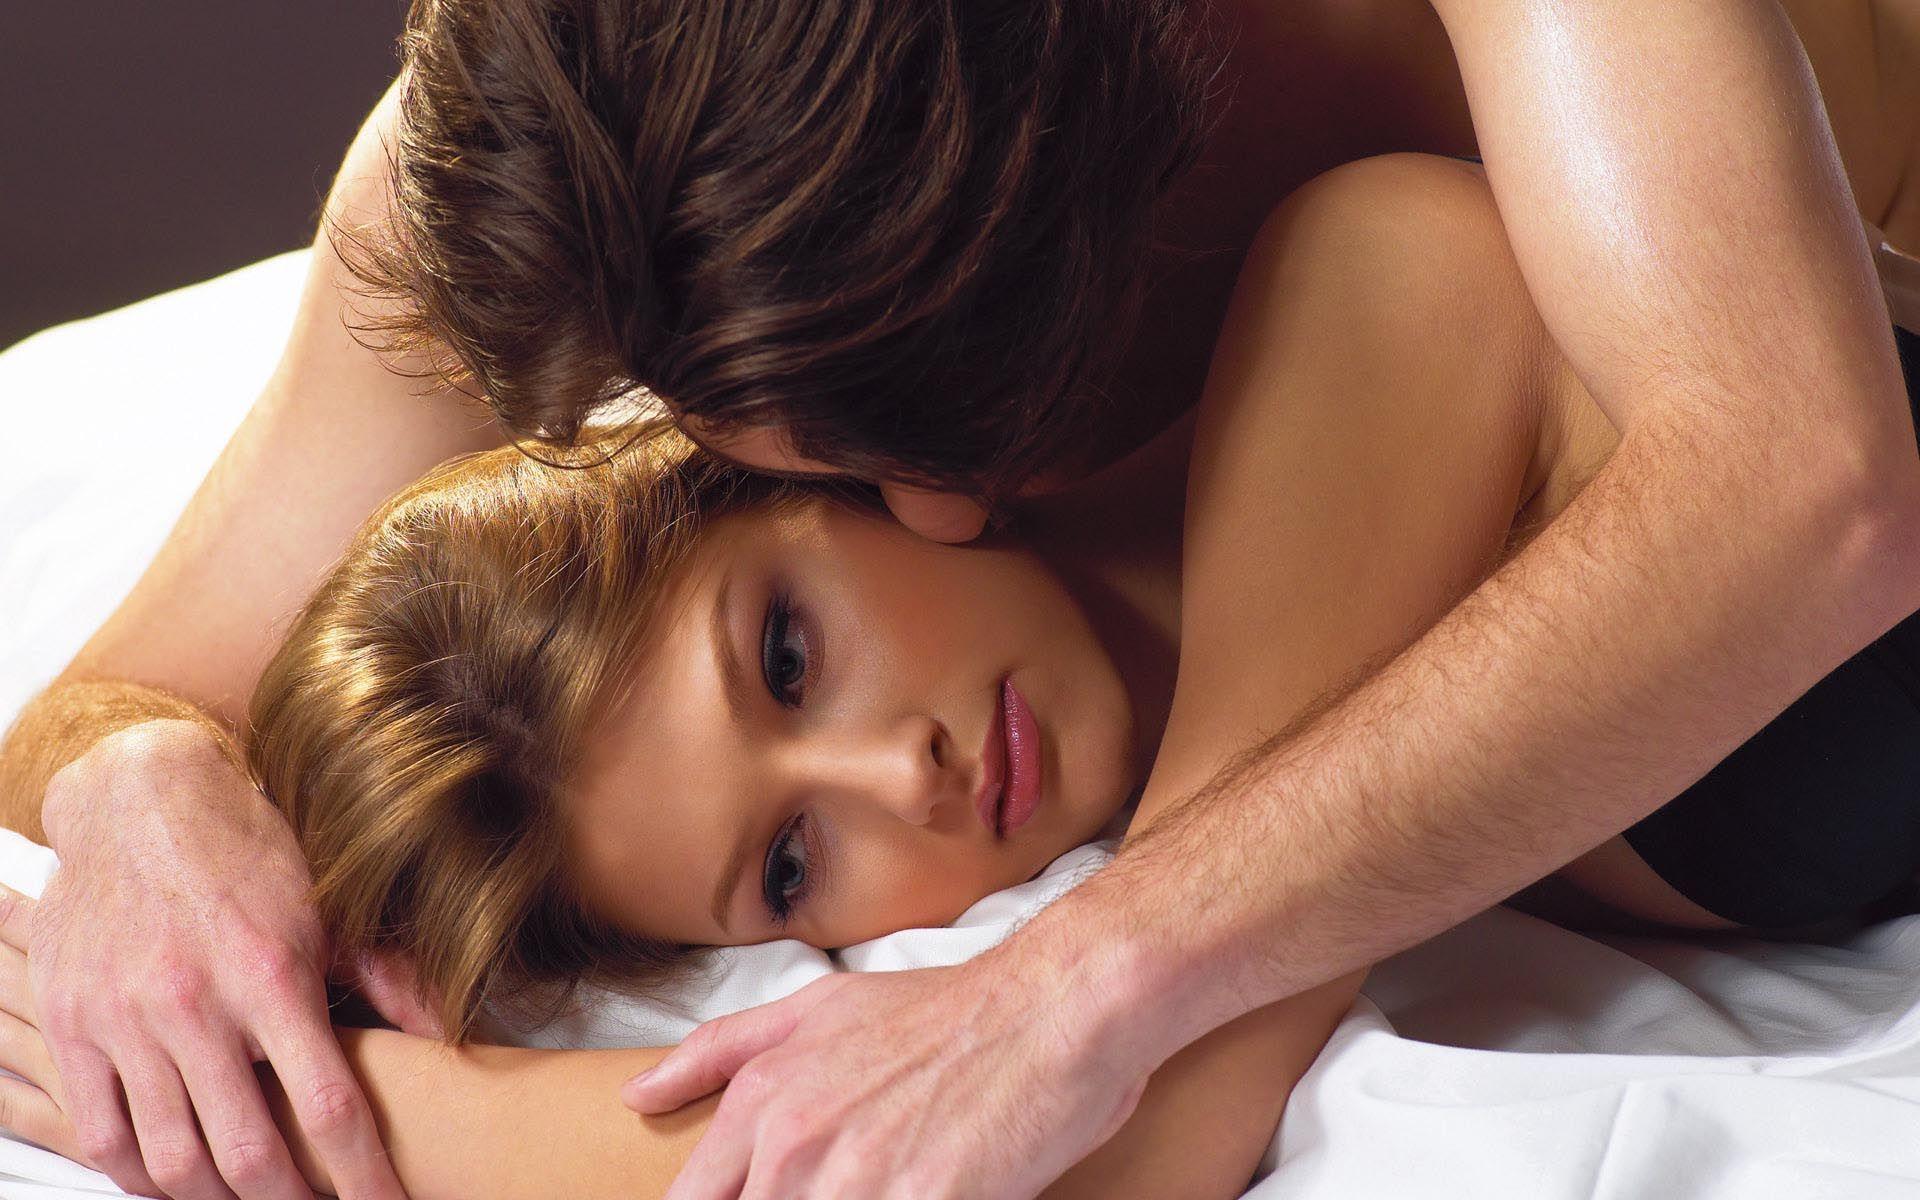 """Sự quẫn bách của người vợ phải 'ngủ' với anh chồng để """"xin con"""""""